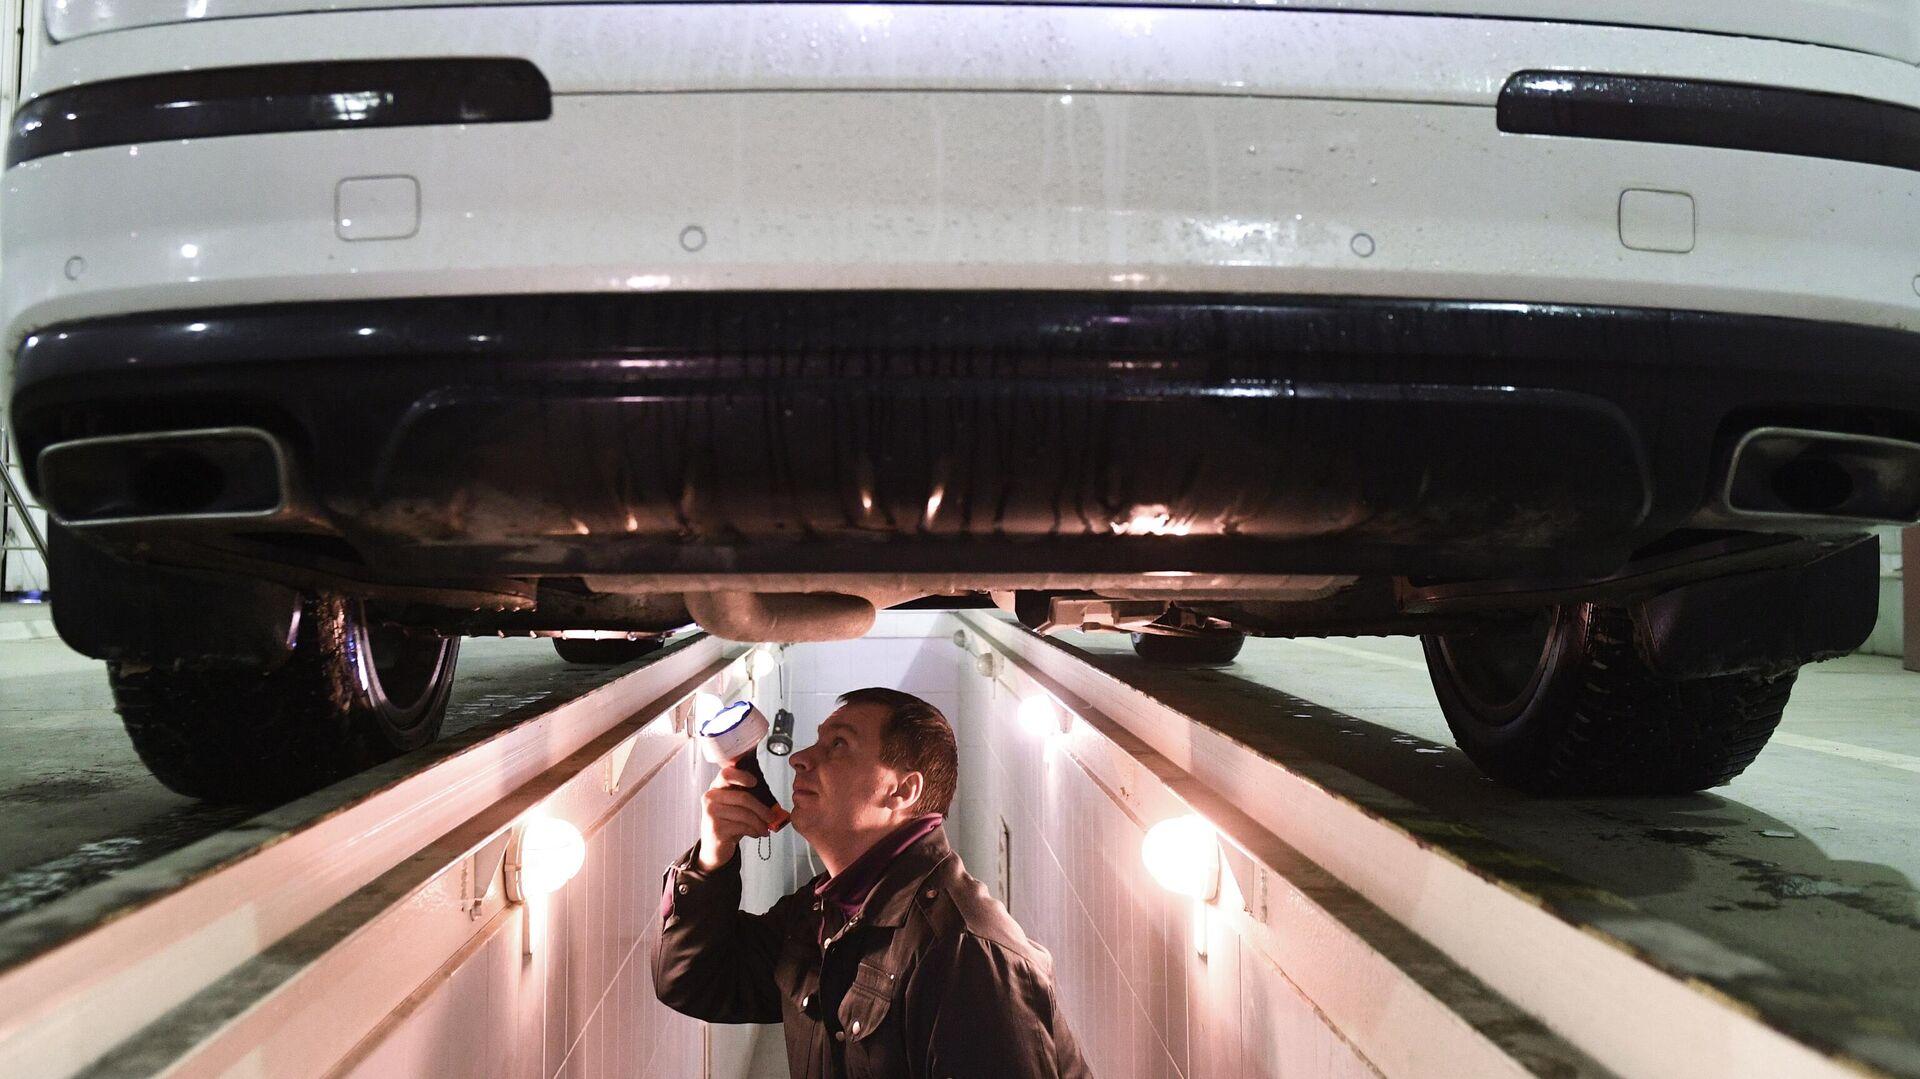 Технический эксперт проводит осмотр автомобиля на пункте техосмотра в Новосибирске - РИА Новости, 1920, 03.01.2021